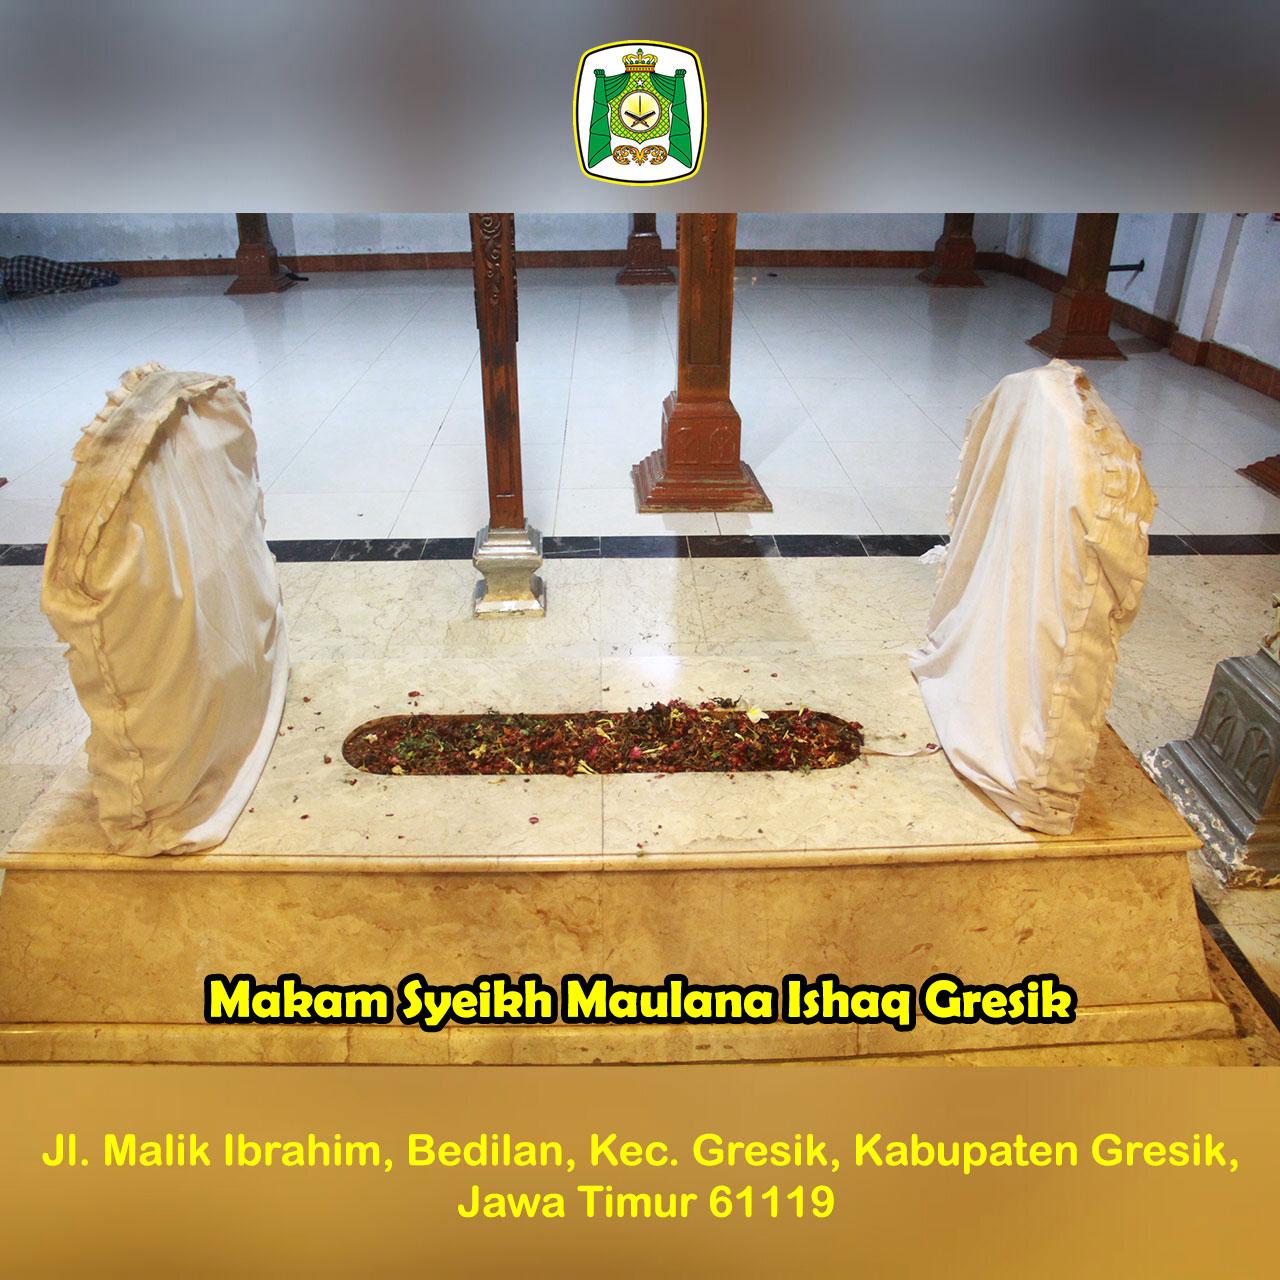 Syeikh Maulana Ishaq Gresik Almunawwarah Trans Makam Situs Giri Kedaton